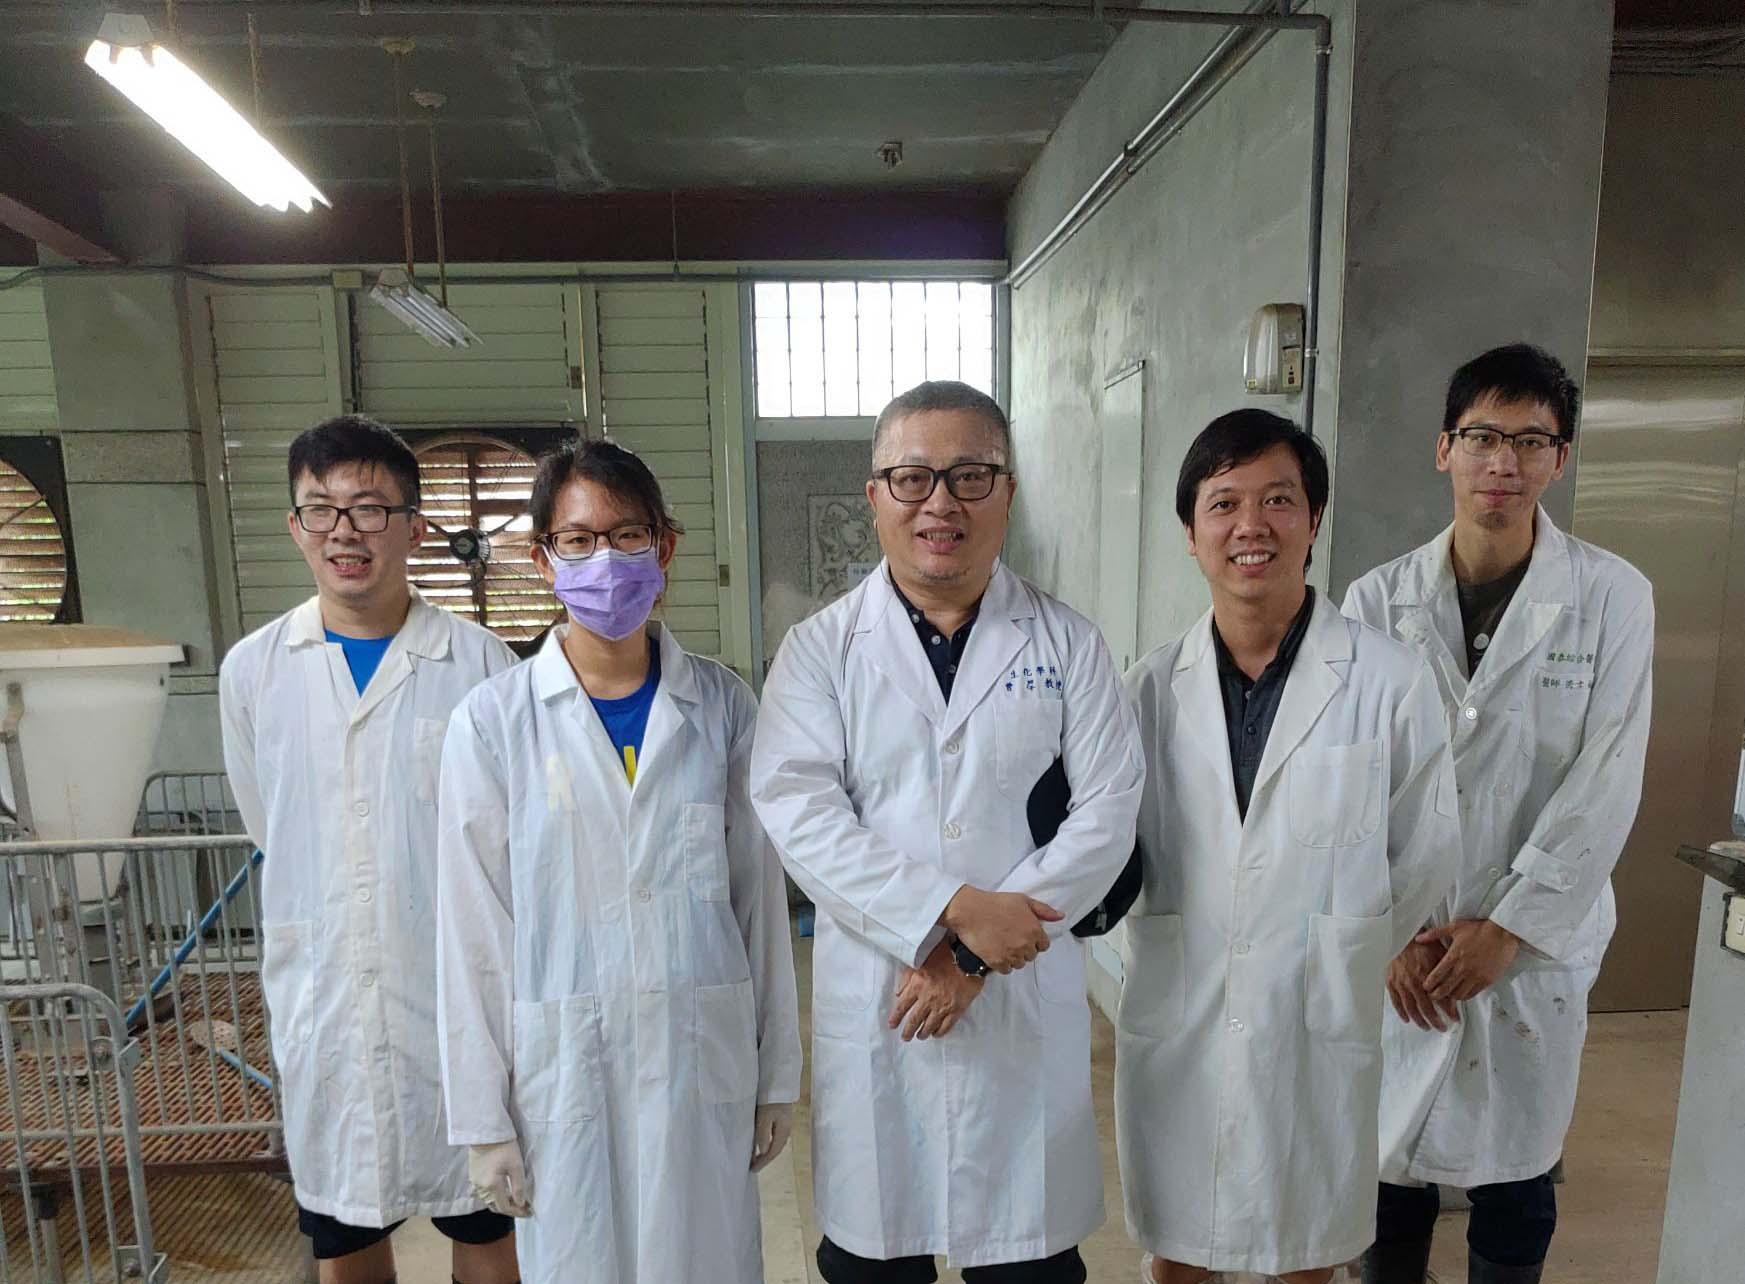 在實施眼科應用豬隻動物實驗與實驗室部份成員合照(右三為曾厚 教授)